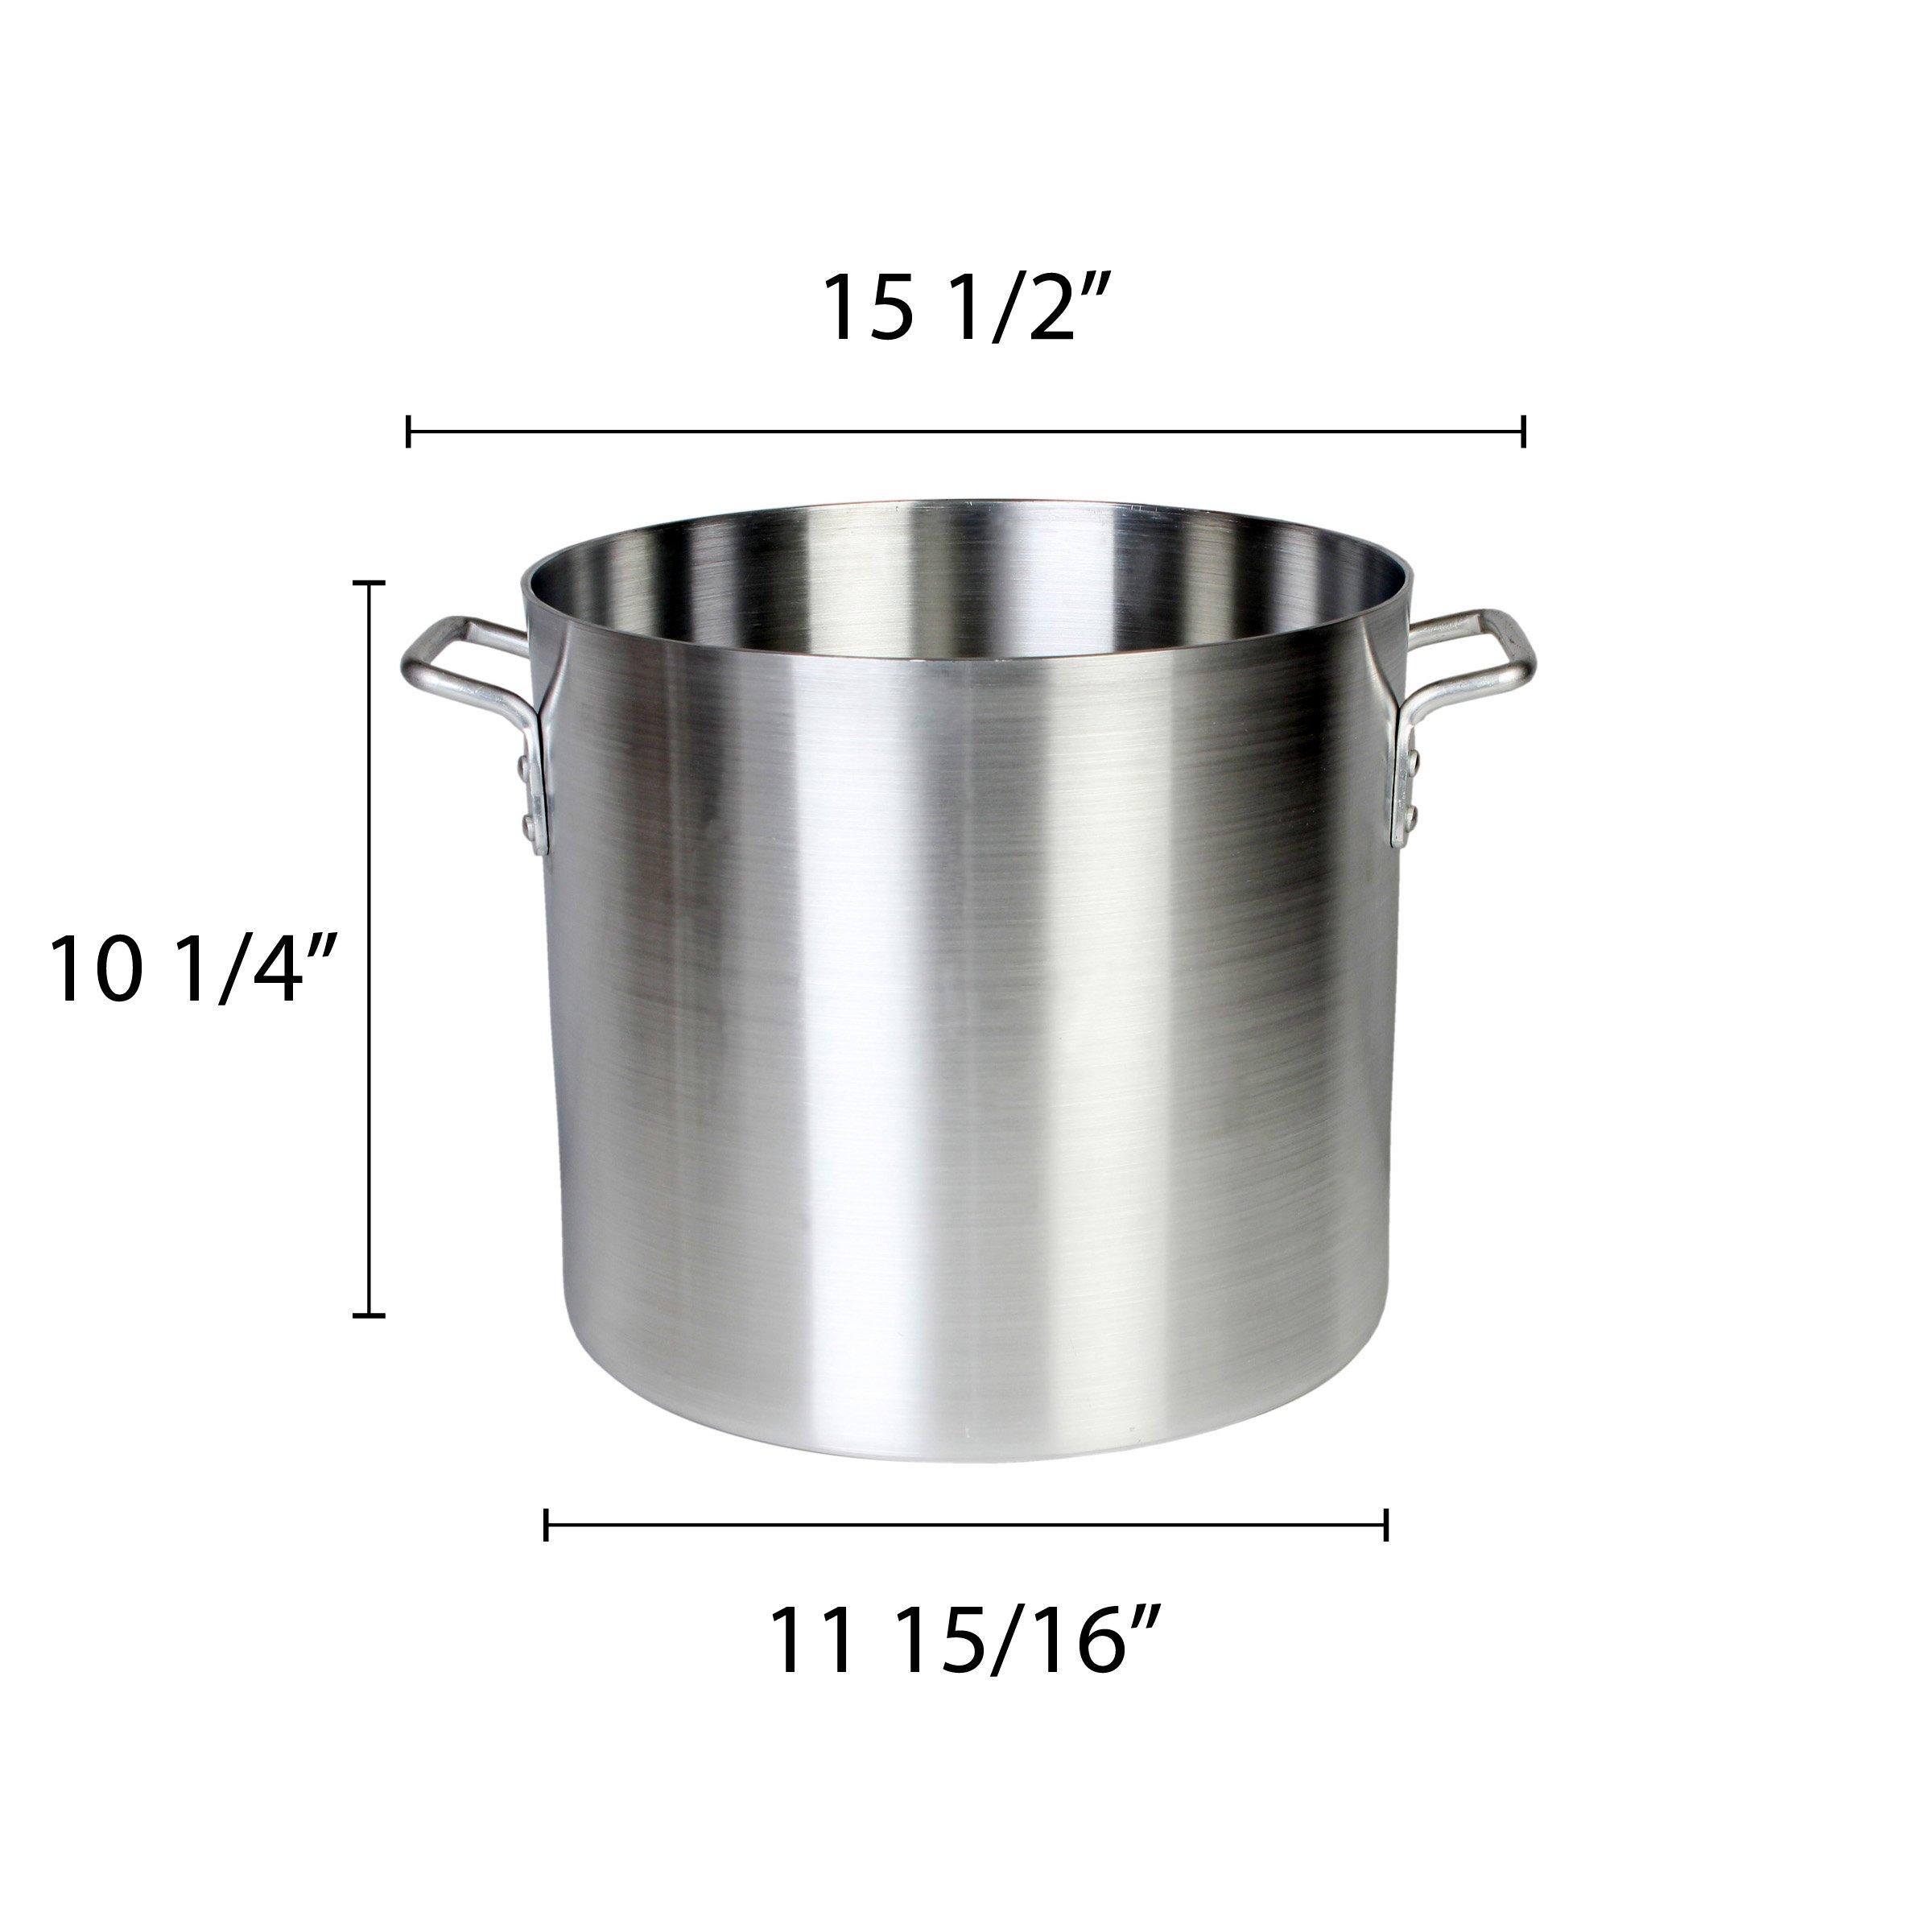 Thunder Group 20 Quart Aluminum Stock Pot by Thunder Group (Image #2)